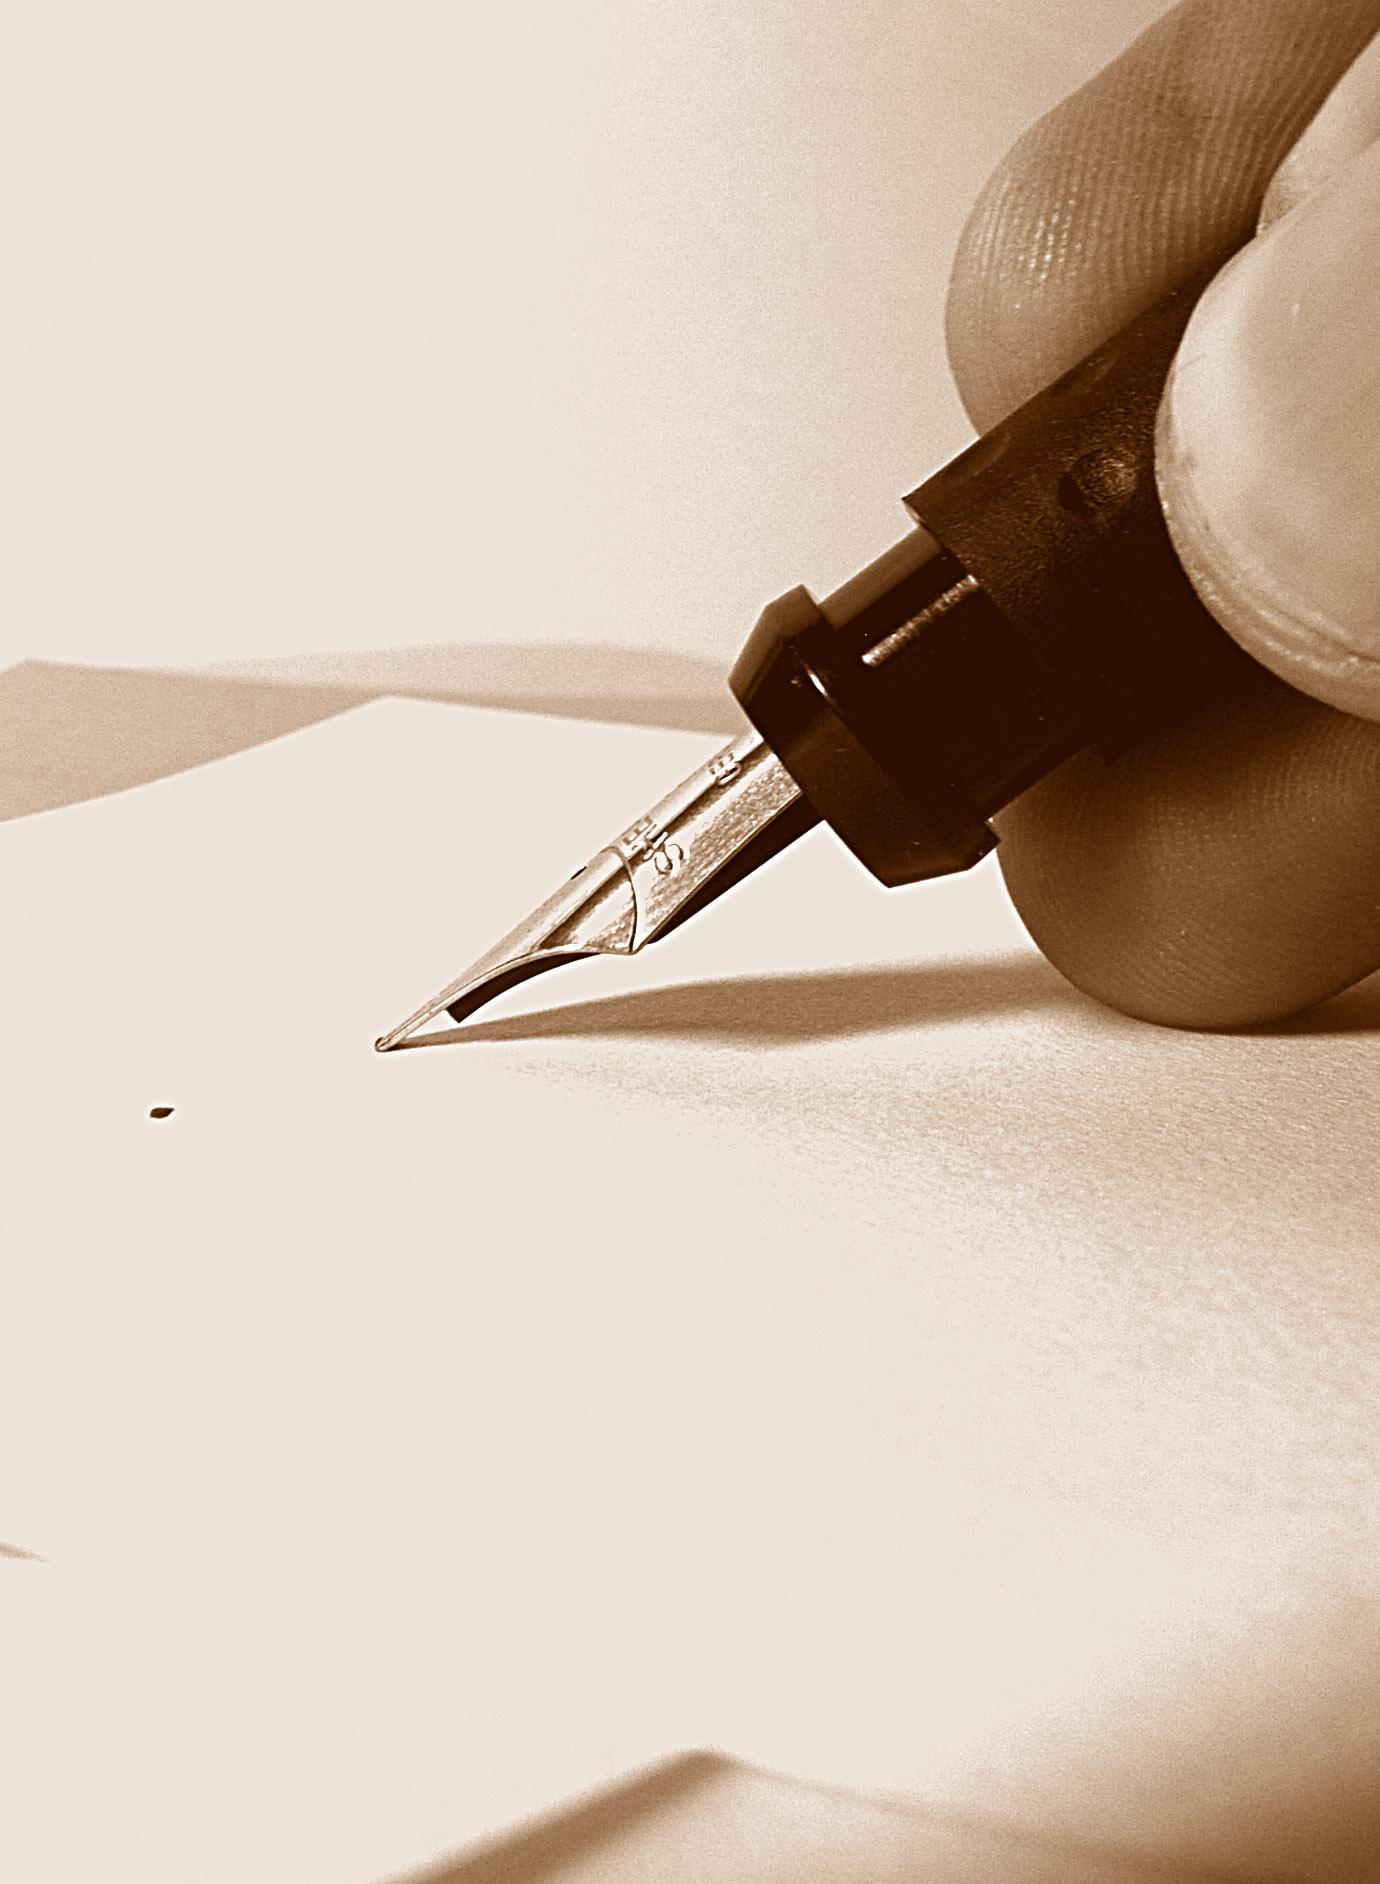 Как написать в майнкрафте чтобы вещи сохранялись - a389